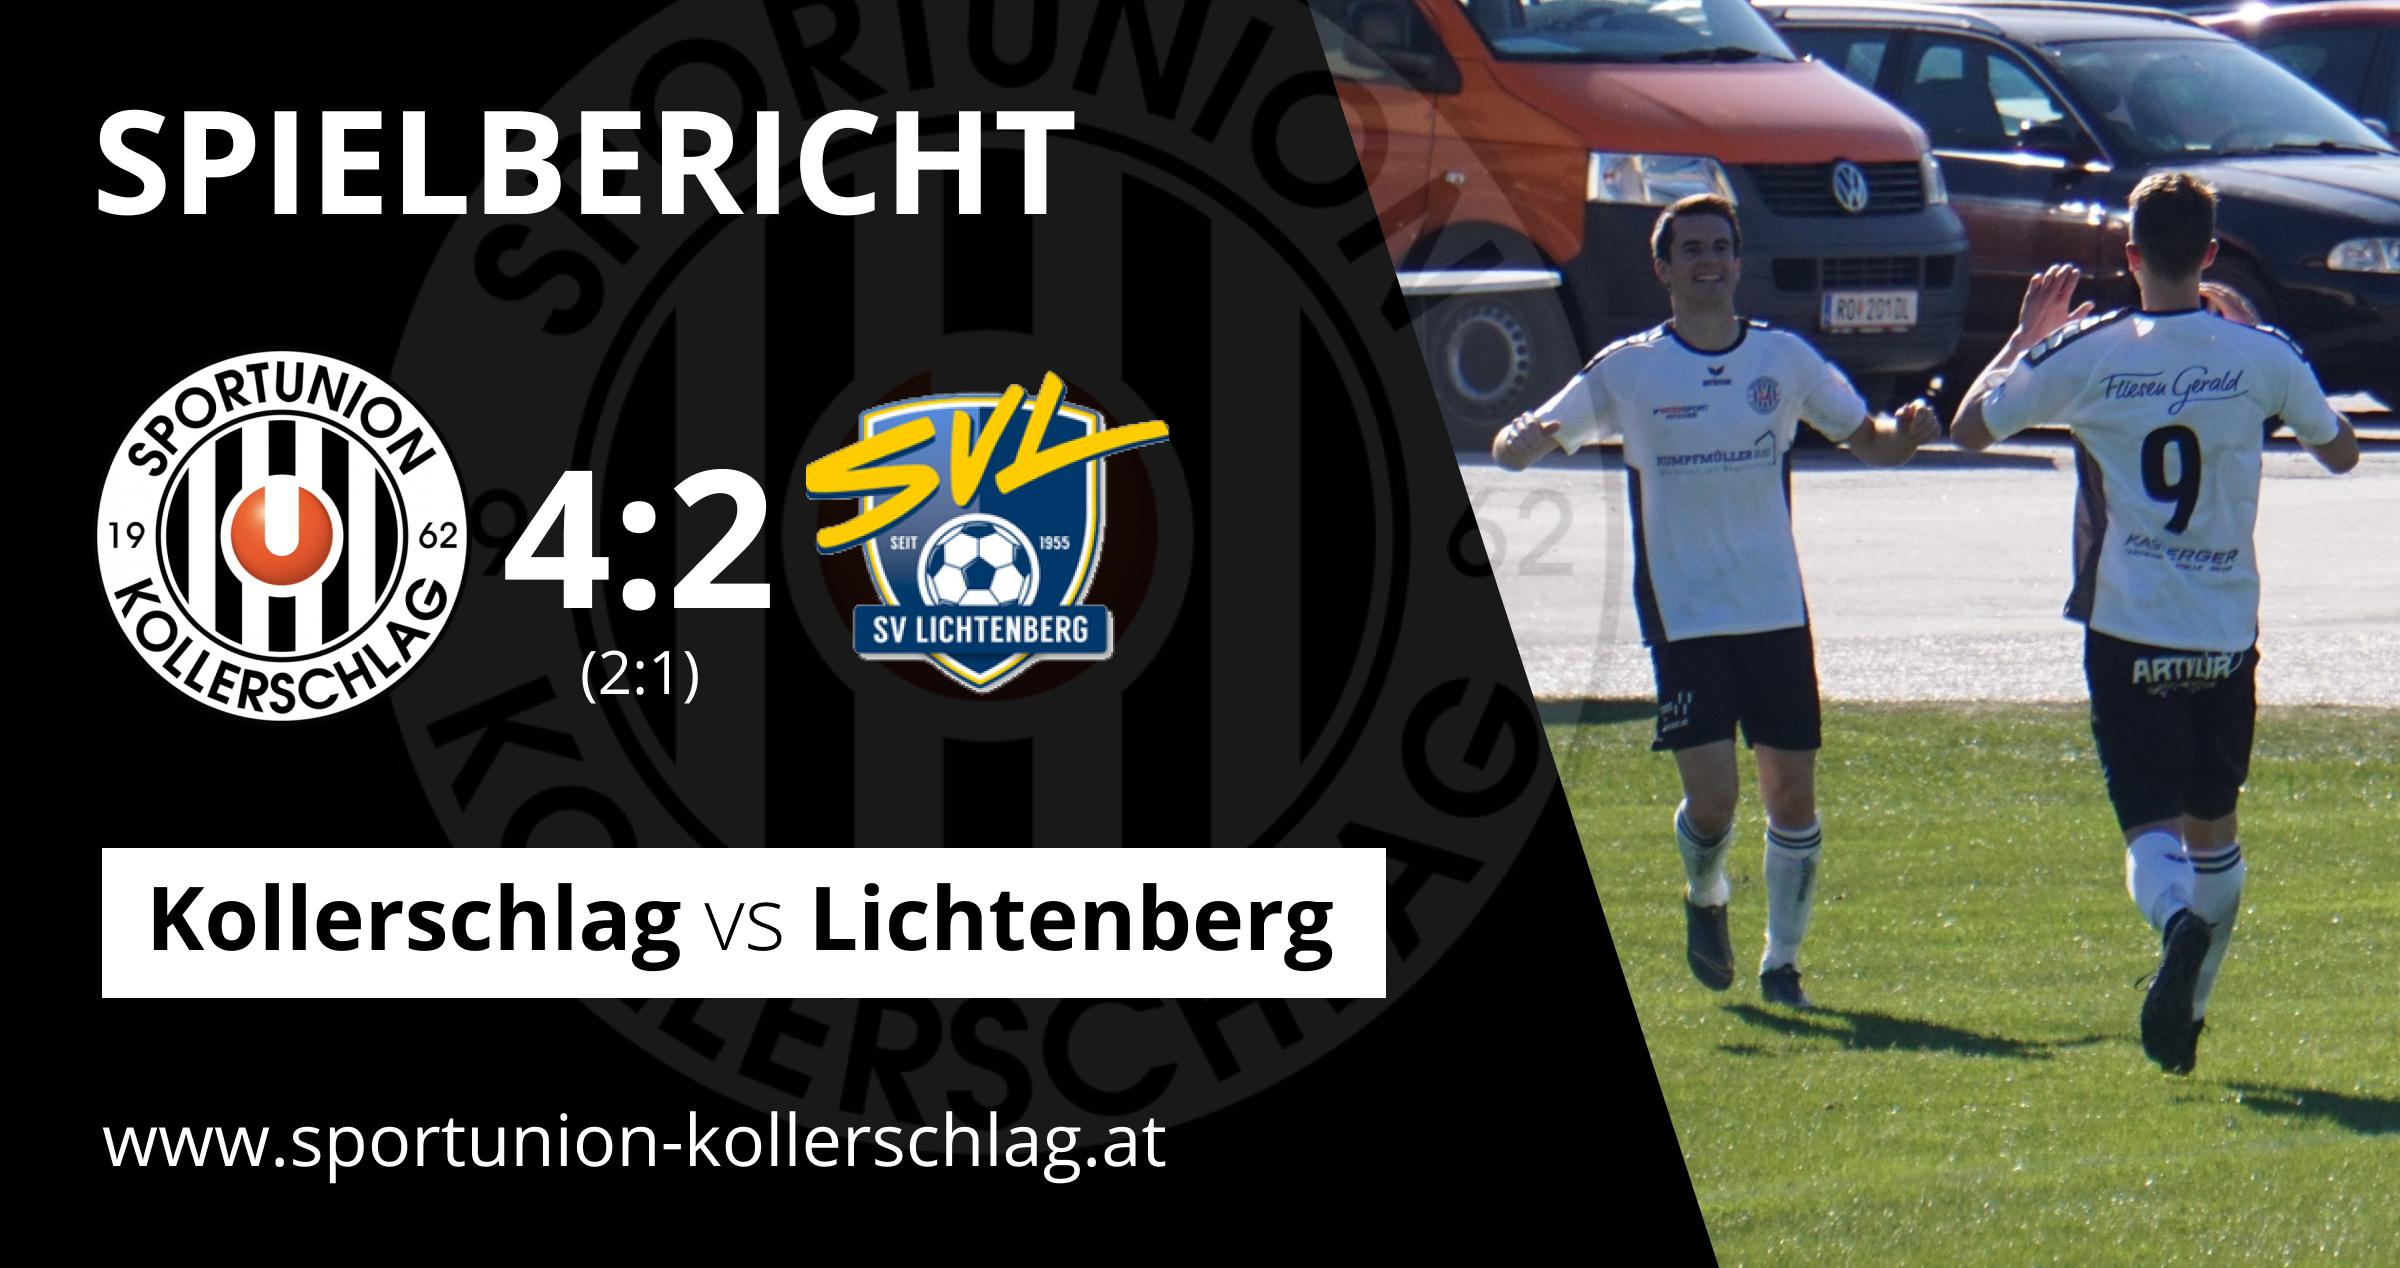 Schwere Verletzung überschattet Sieg gegen Lichtenberg!